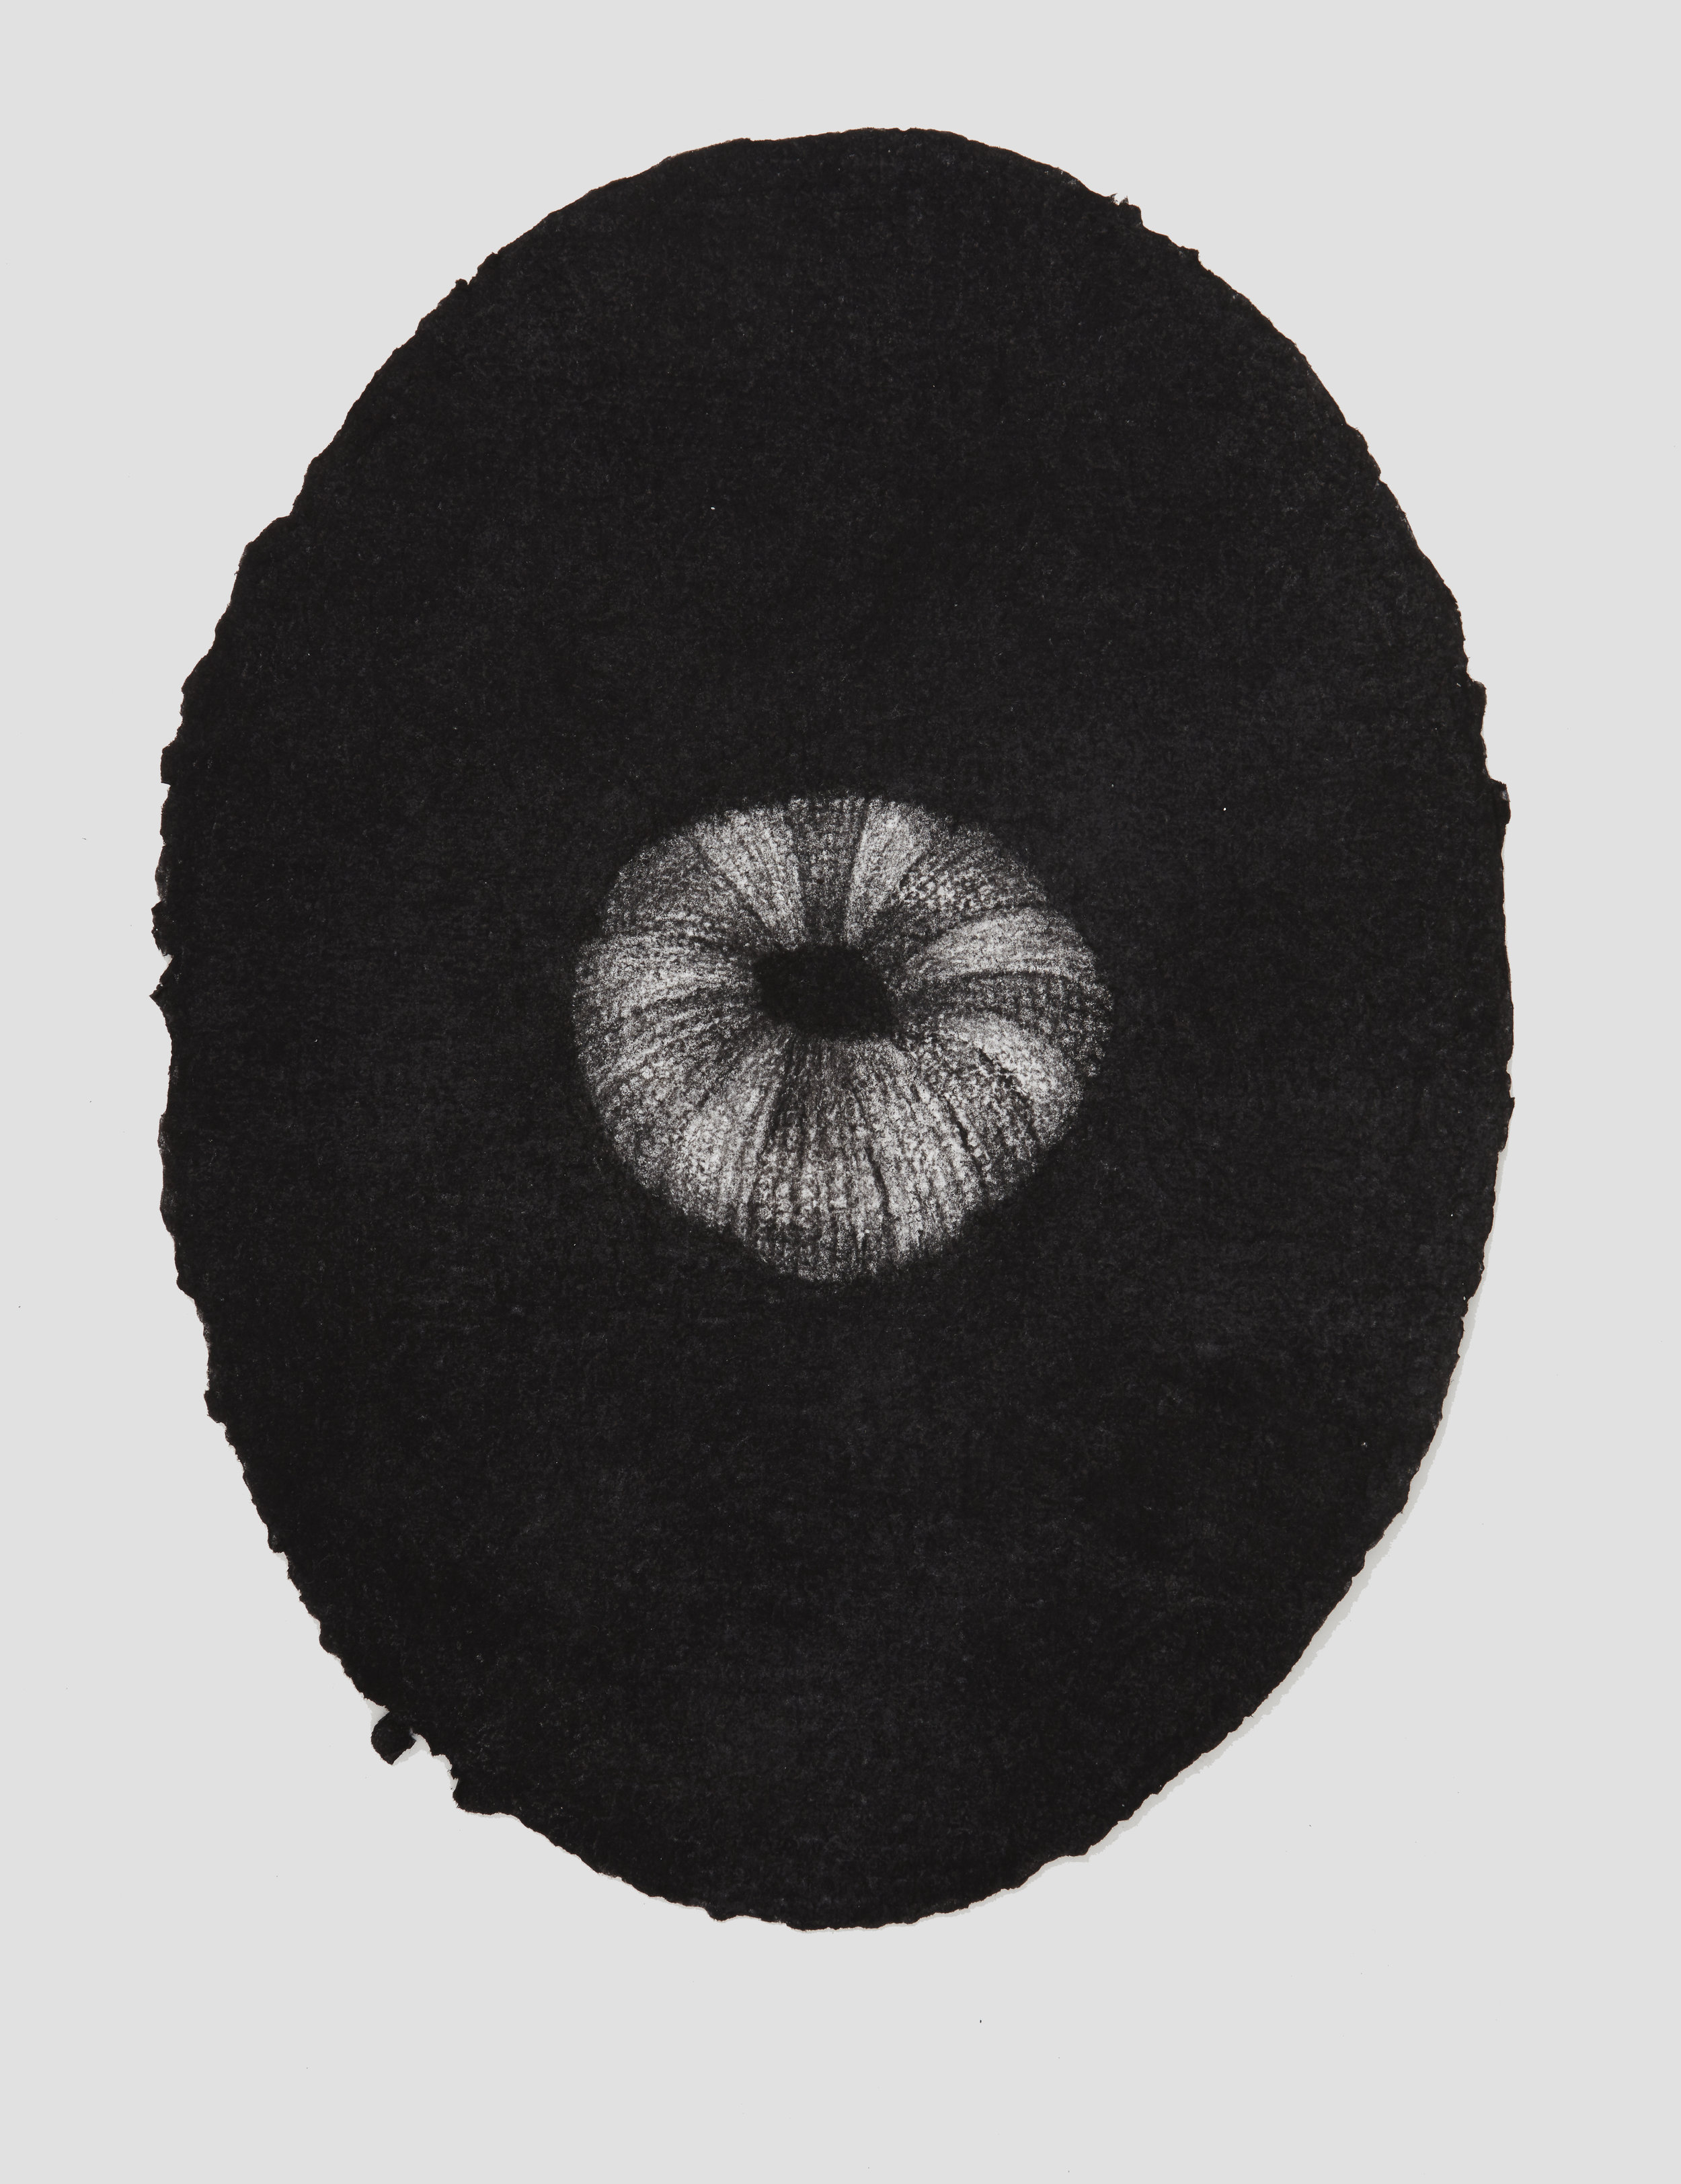 portrait urchin, 2017, 44x33cm, charcoal on paper